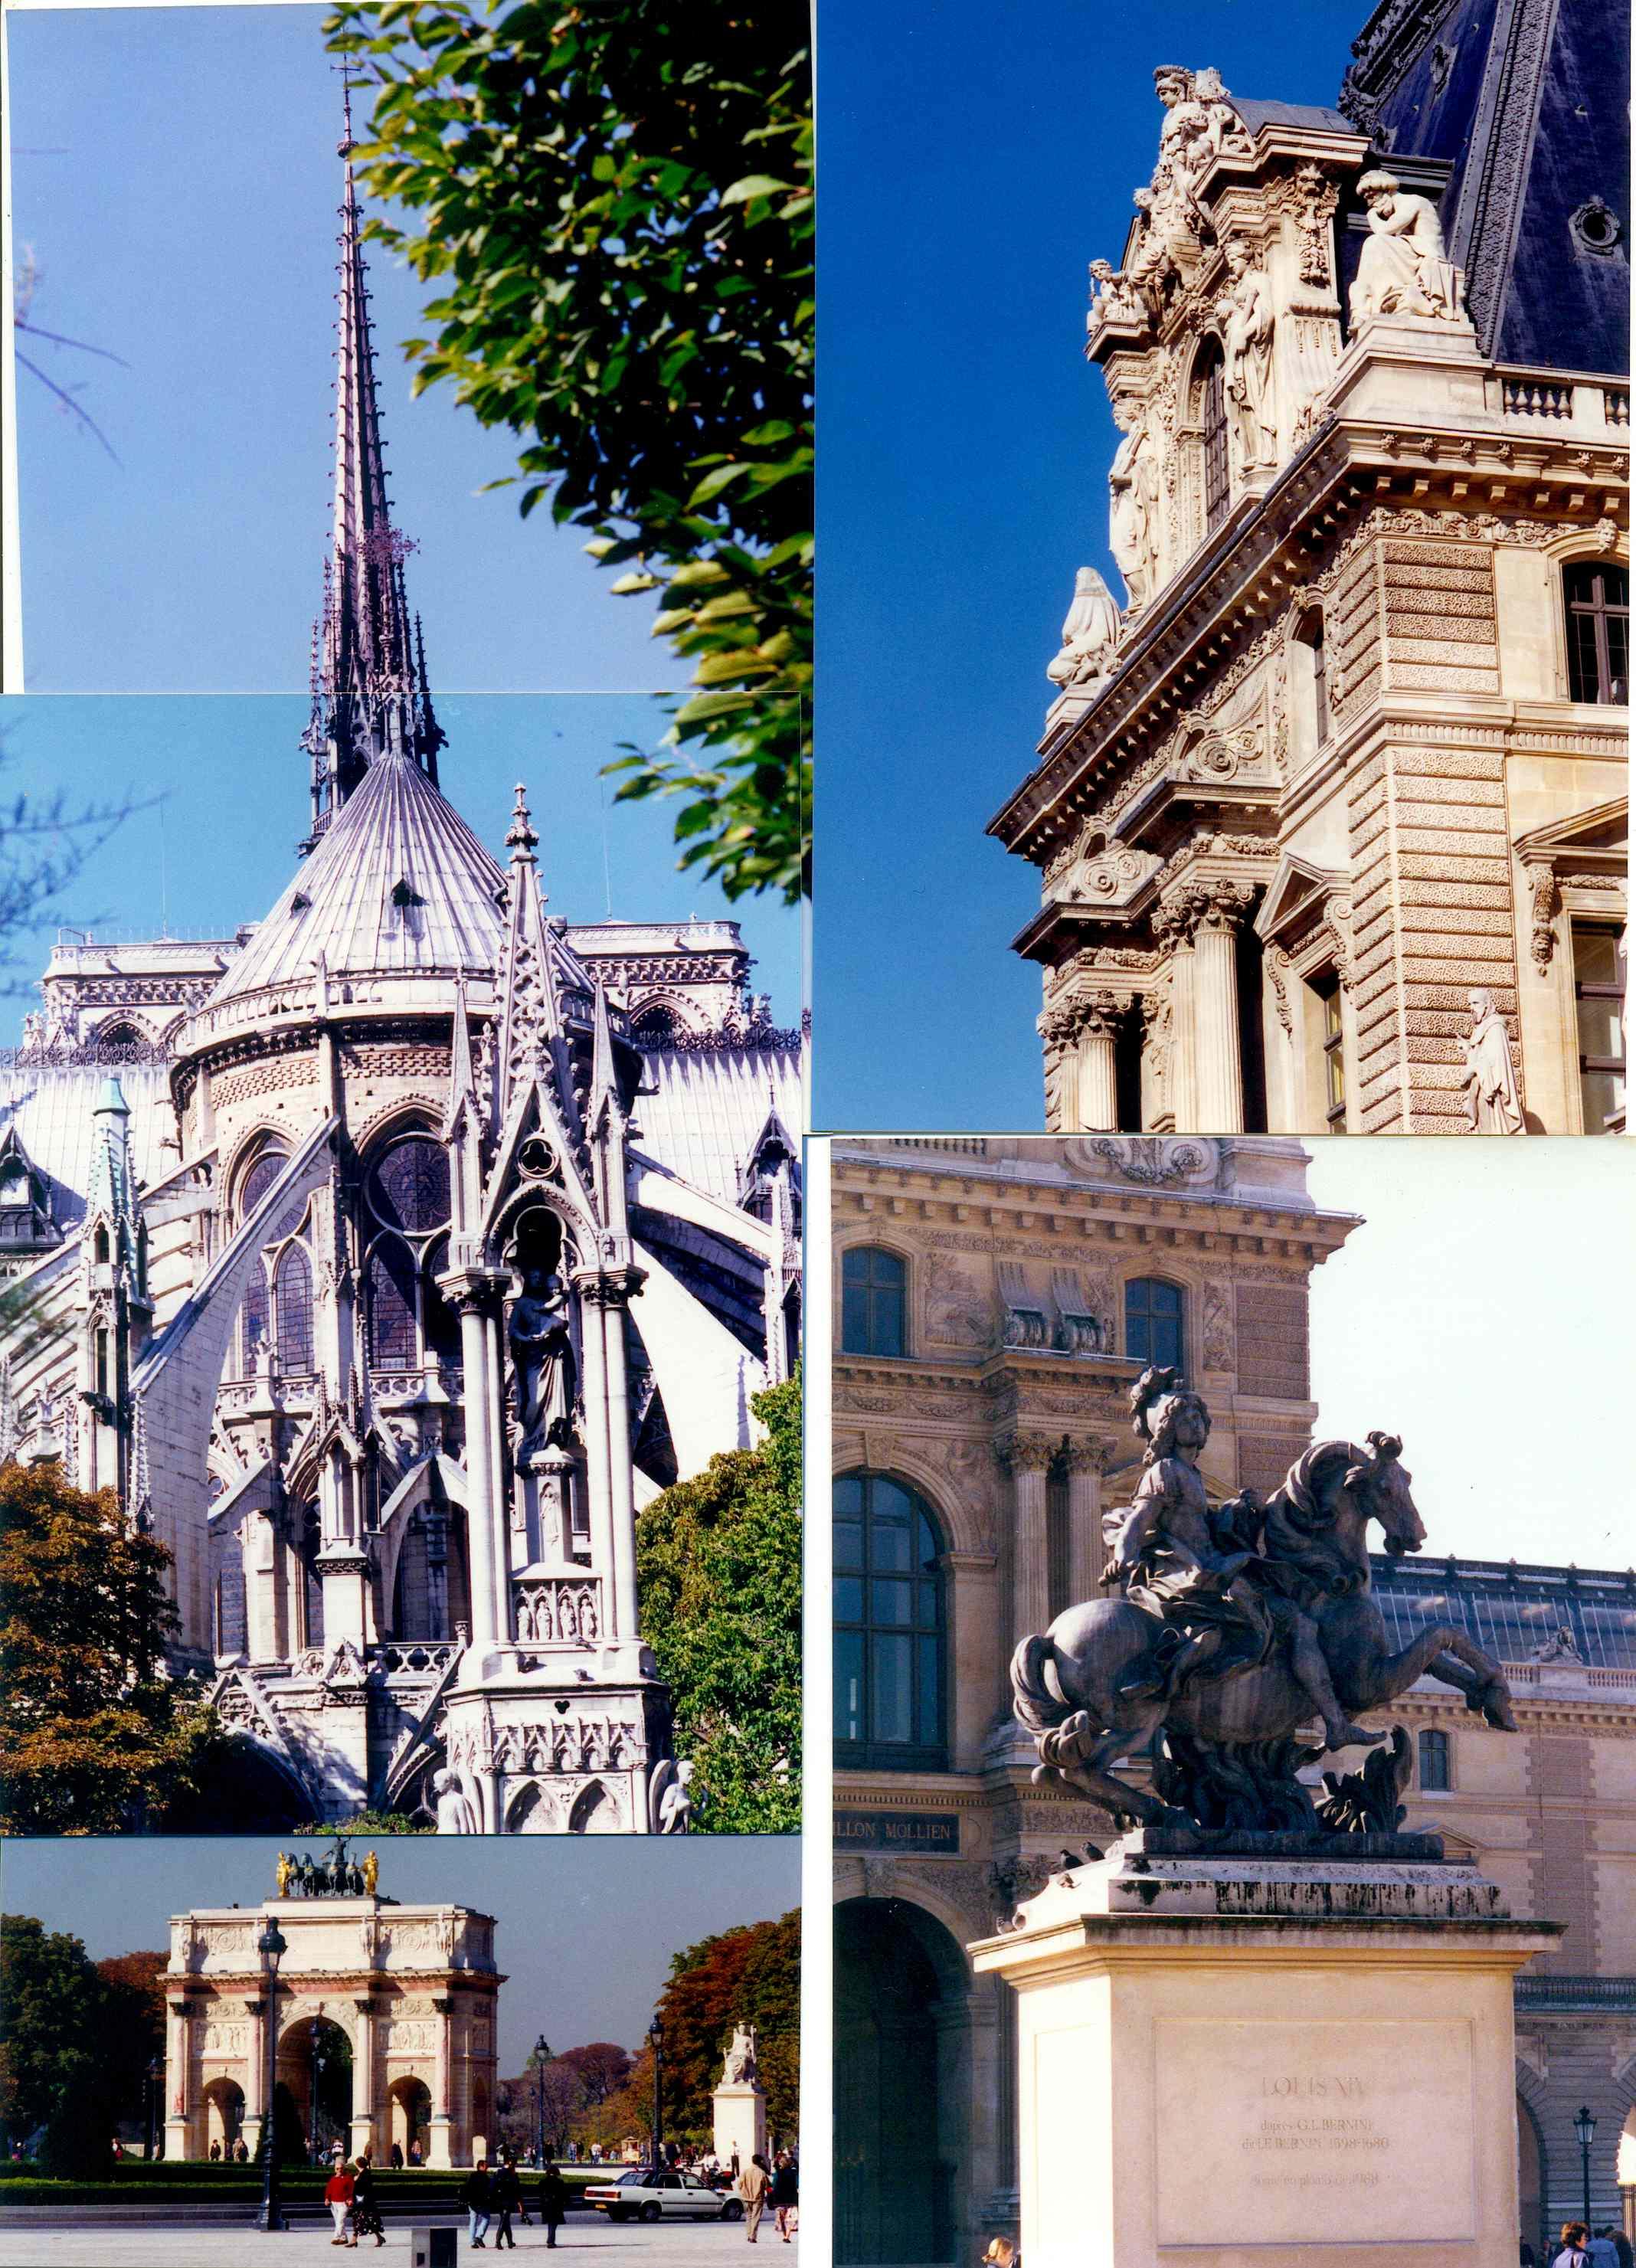 1996년 프랑스 파리 노틀담 사원 외부 모습과 시가지 풍경